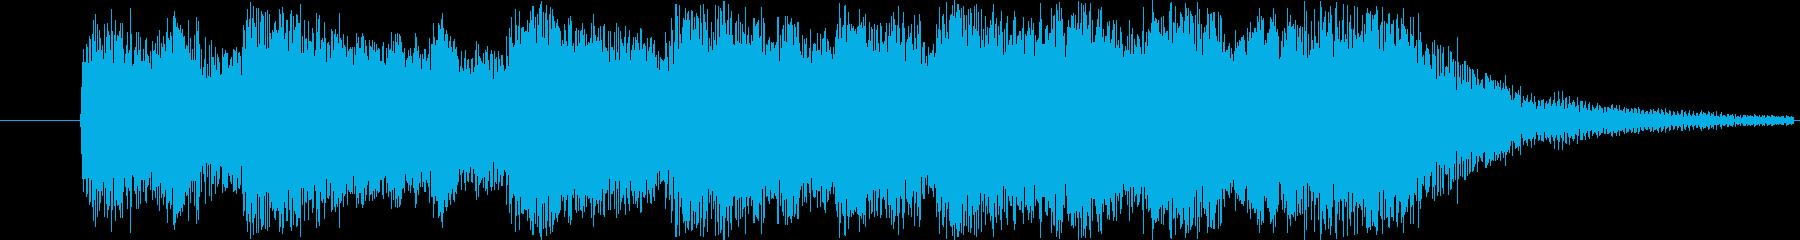 オーケストラのジングルです。の再生済みの波形